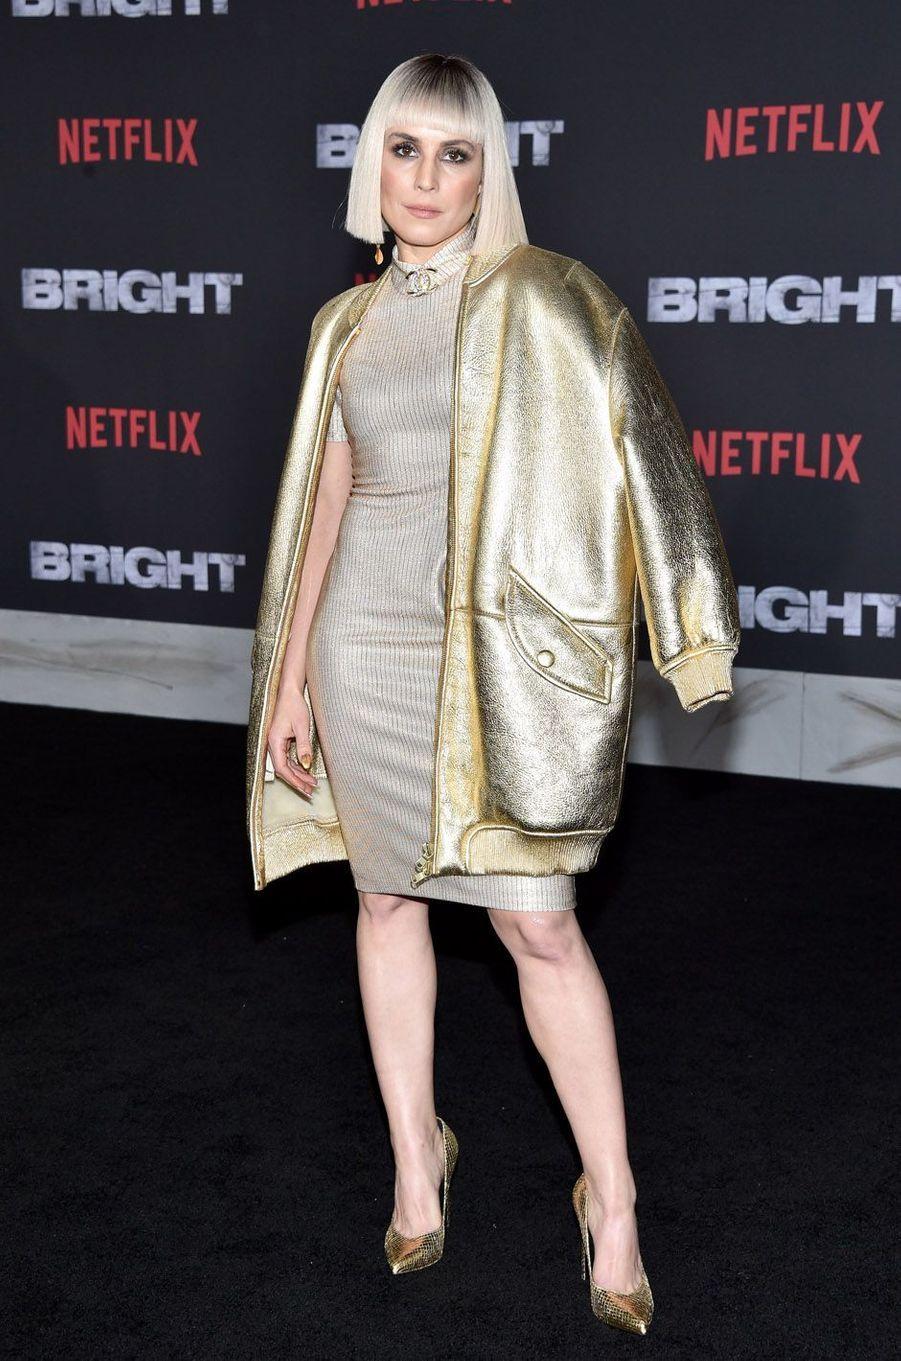 """Noomi Rapaceà l'avant-première de """"Bright"""", à Los Angeles le 13 décembre 2017."""